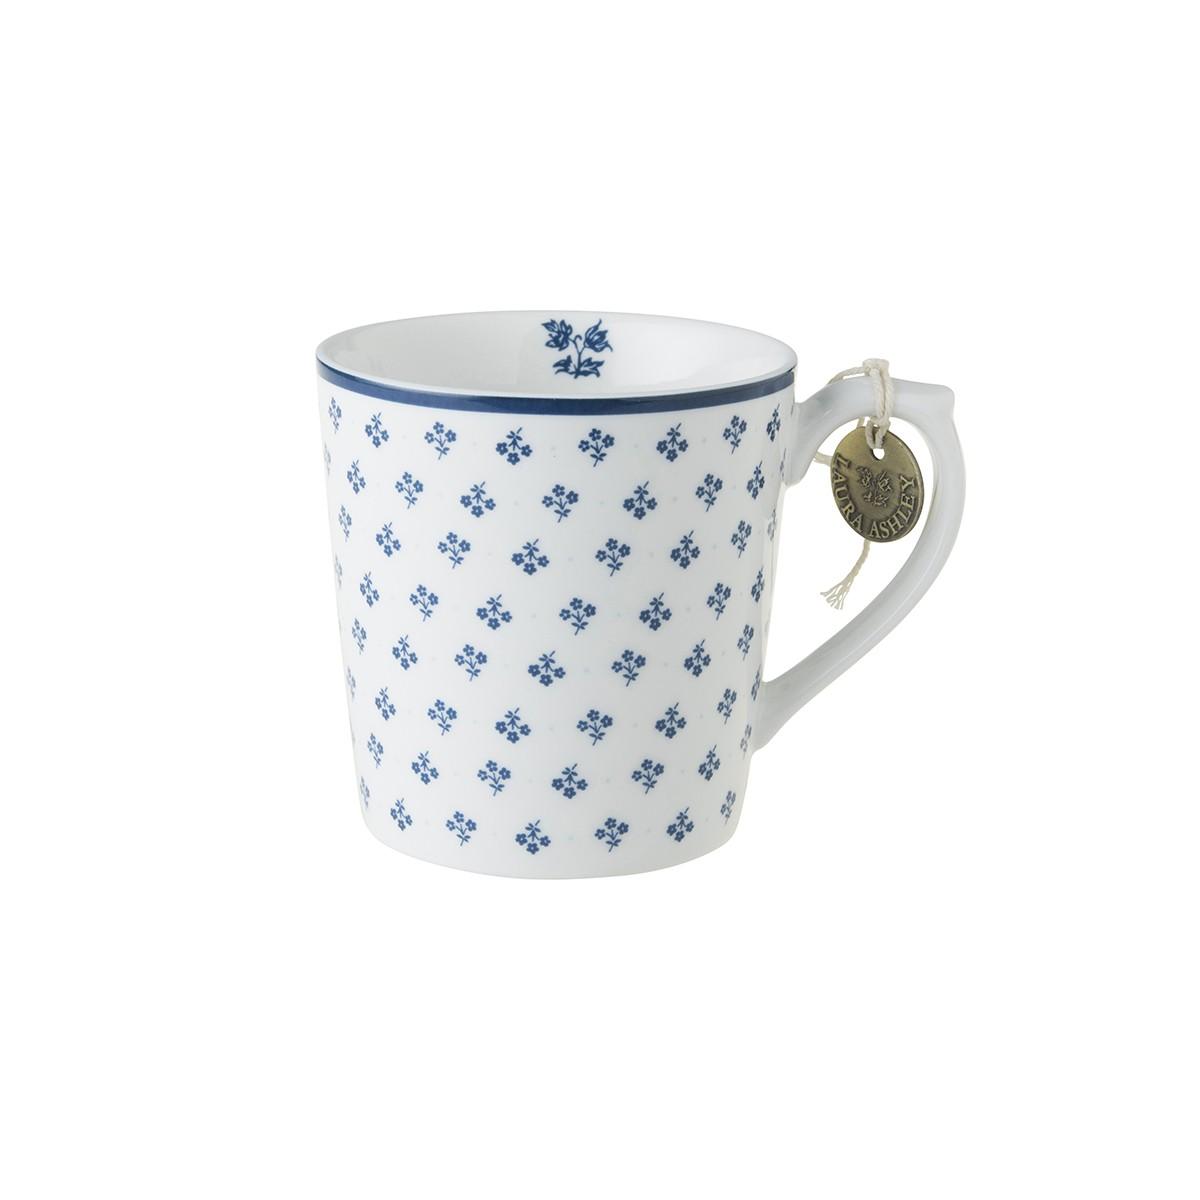 Κούπα Laura Ashley Petit Fleur Fine Bone China 320ml home   ειδη cafe τσαϊ   κούπες   φλυτζάνια